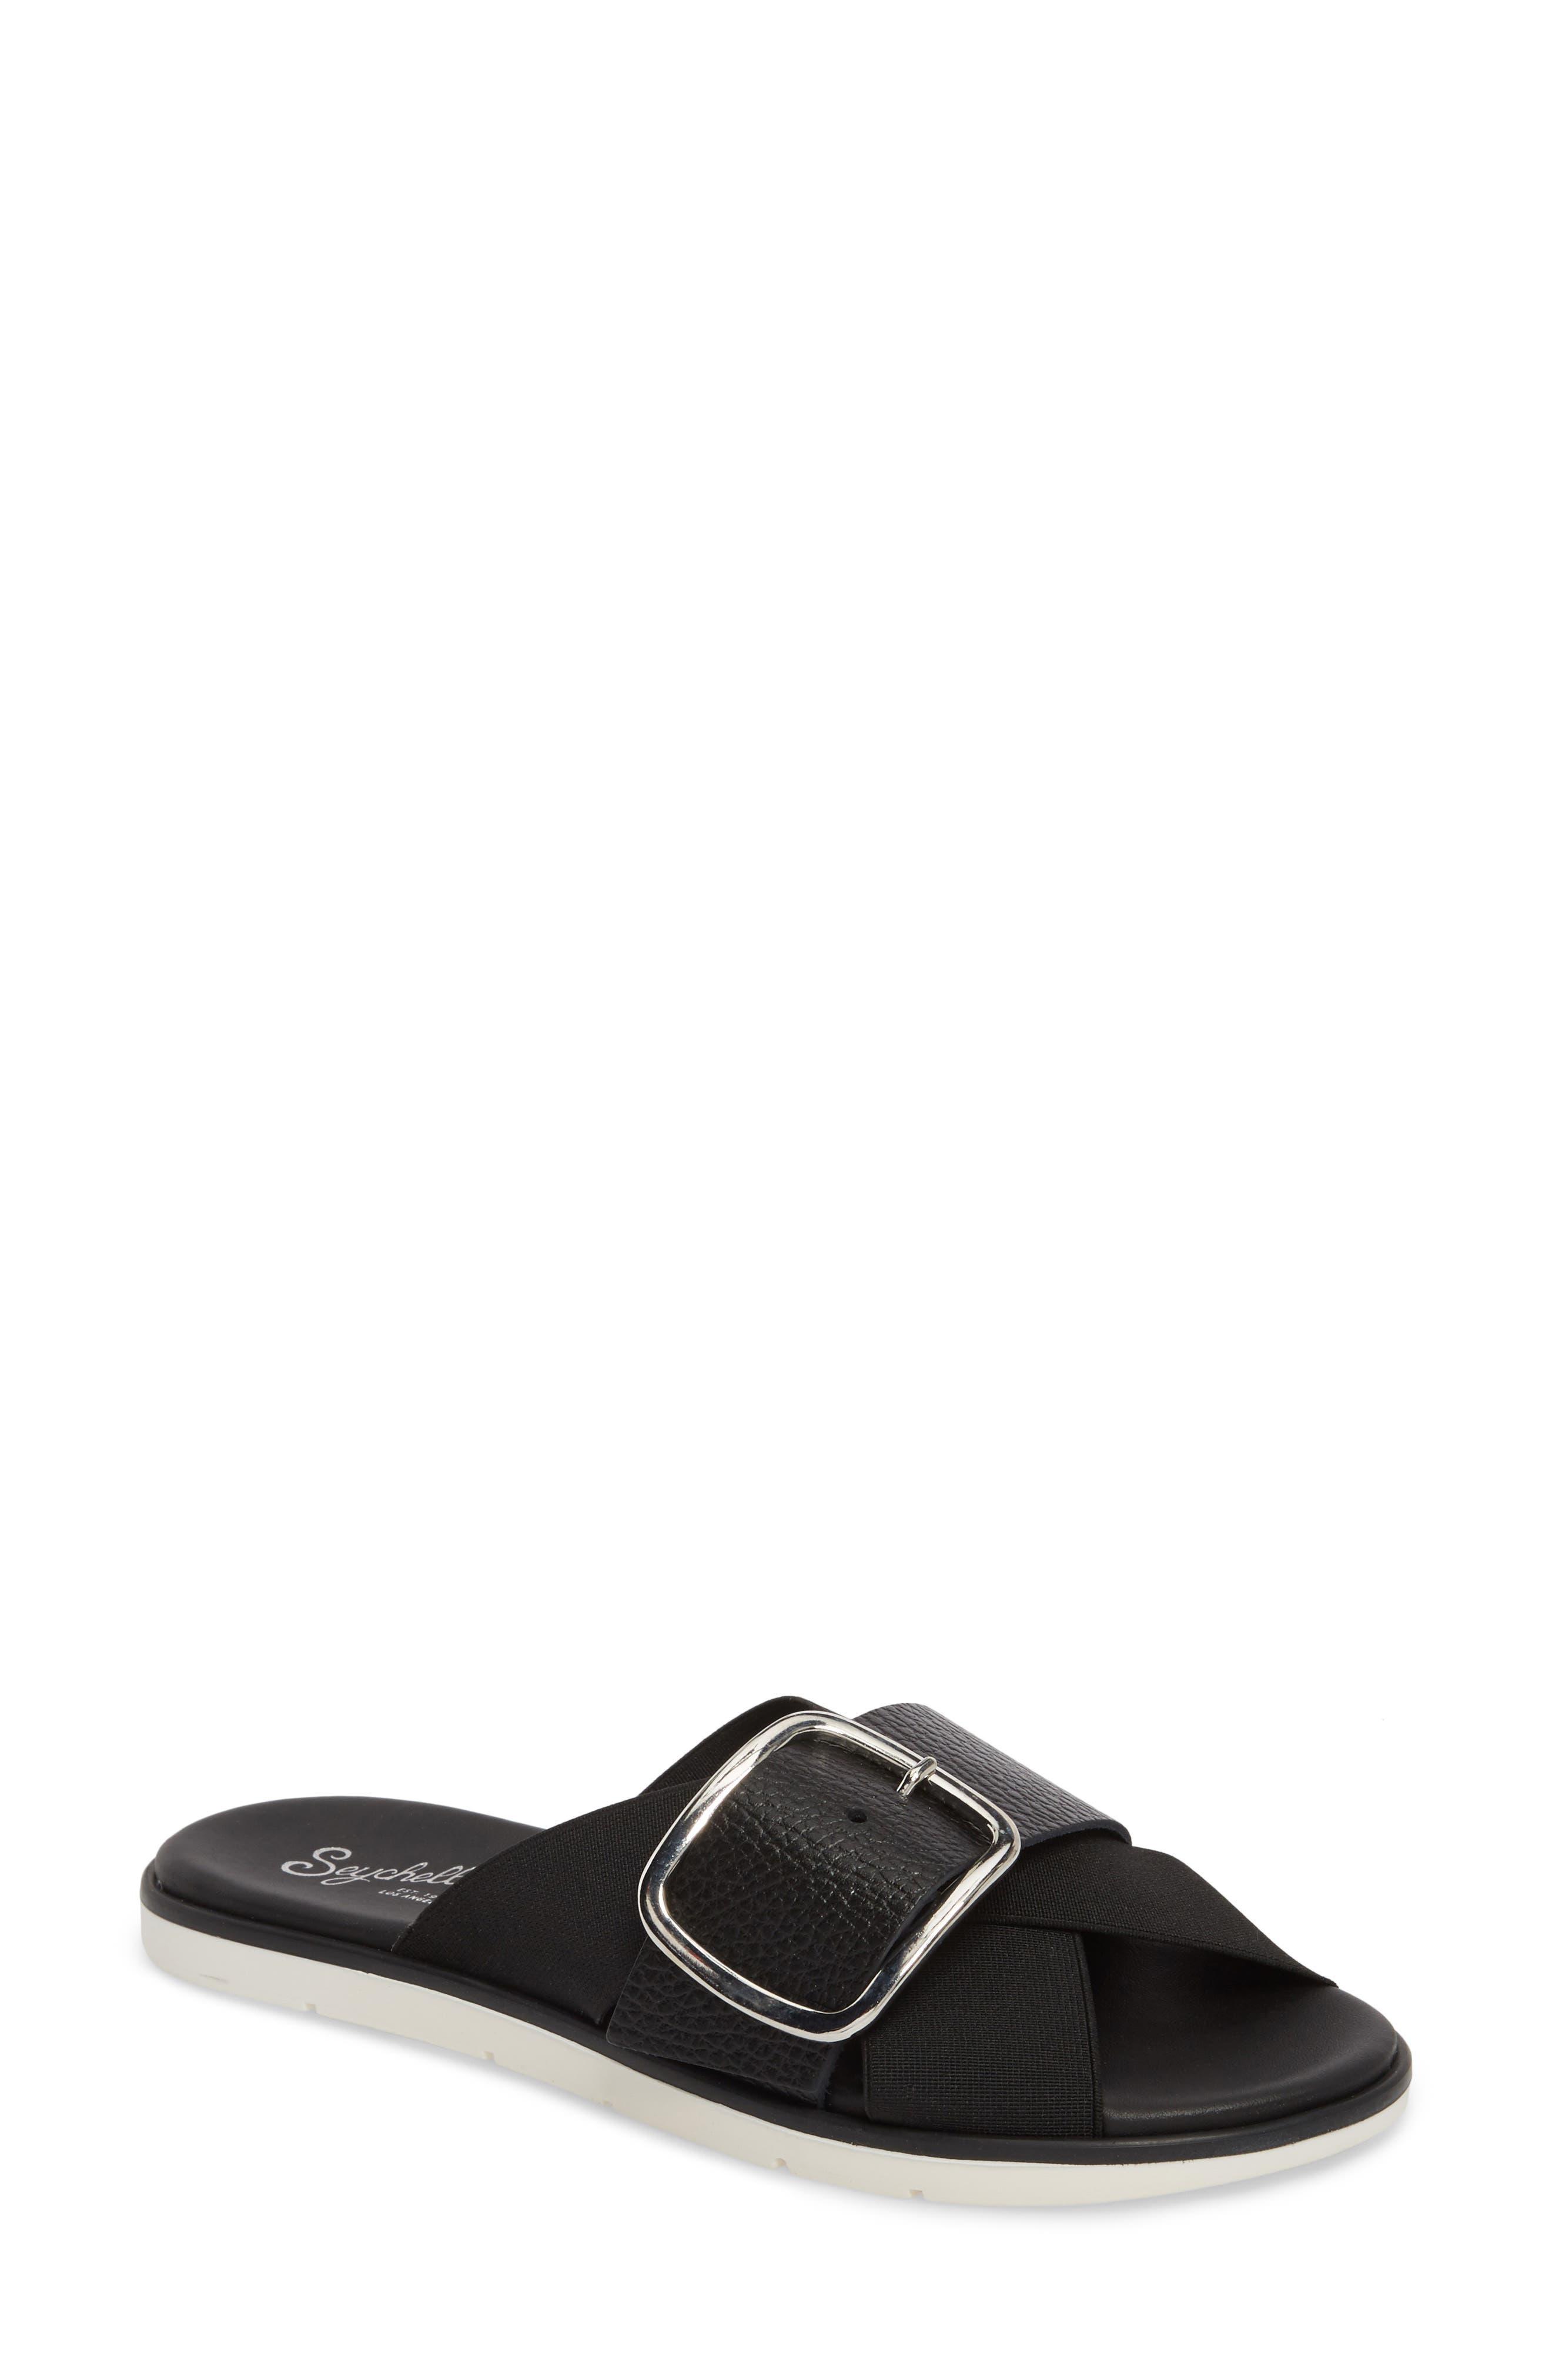 Reservation Slide Sandal,                         Main,                         color, BLACK LEATHER